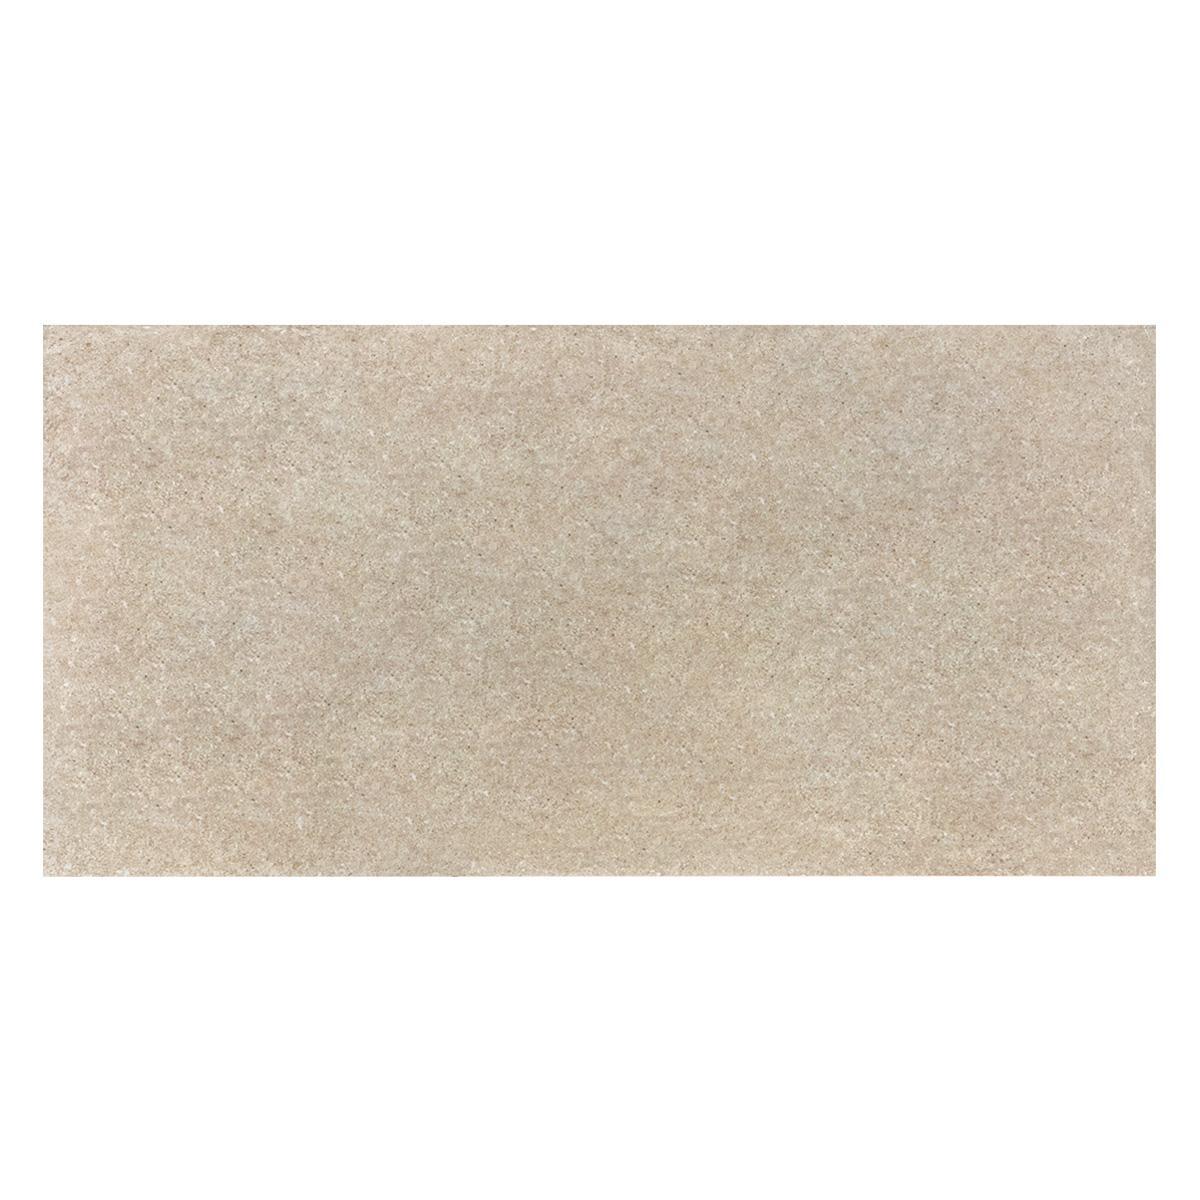 Porcelanato Sement Beige Mate - 45X90 cm - 1.21 m2